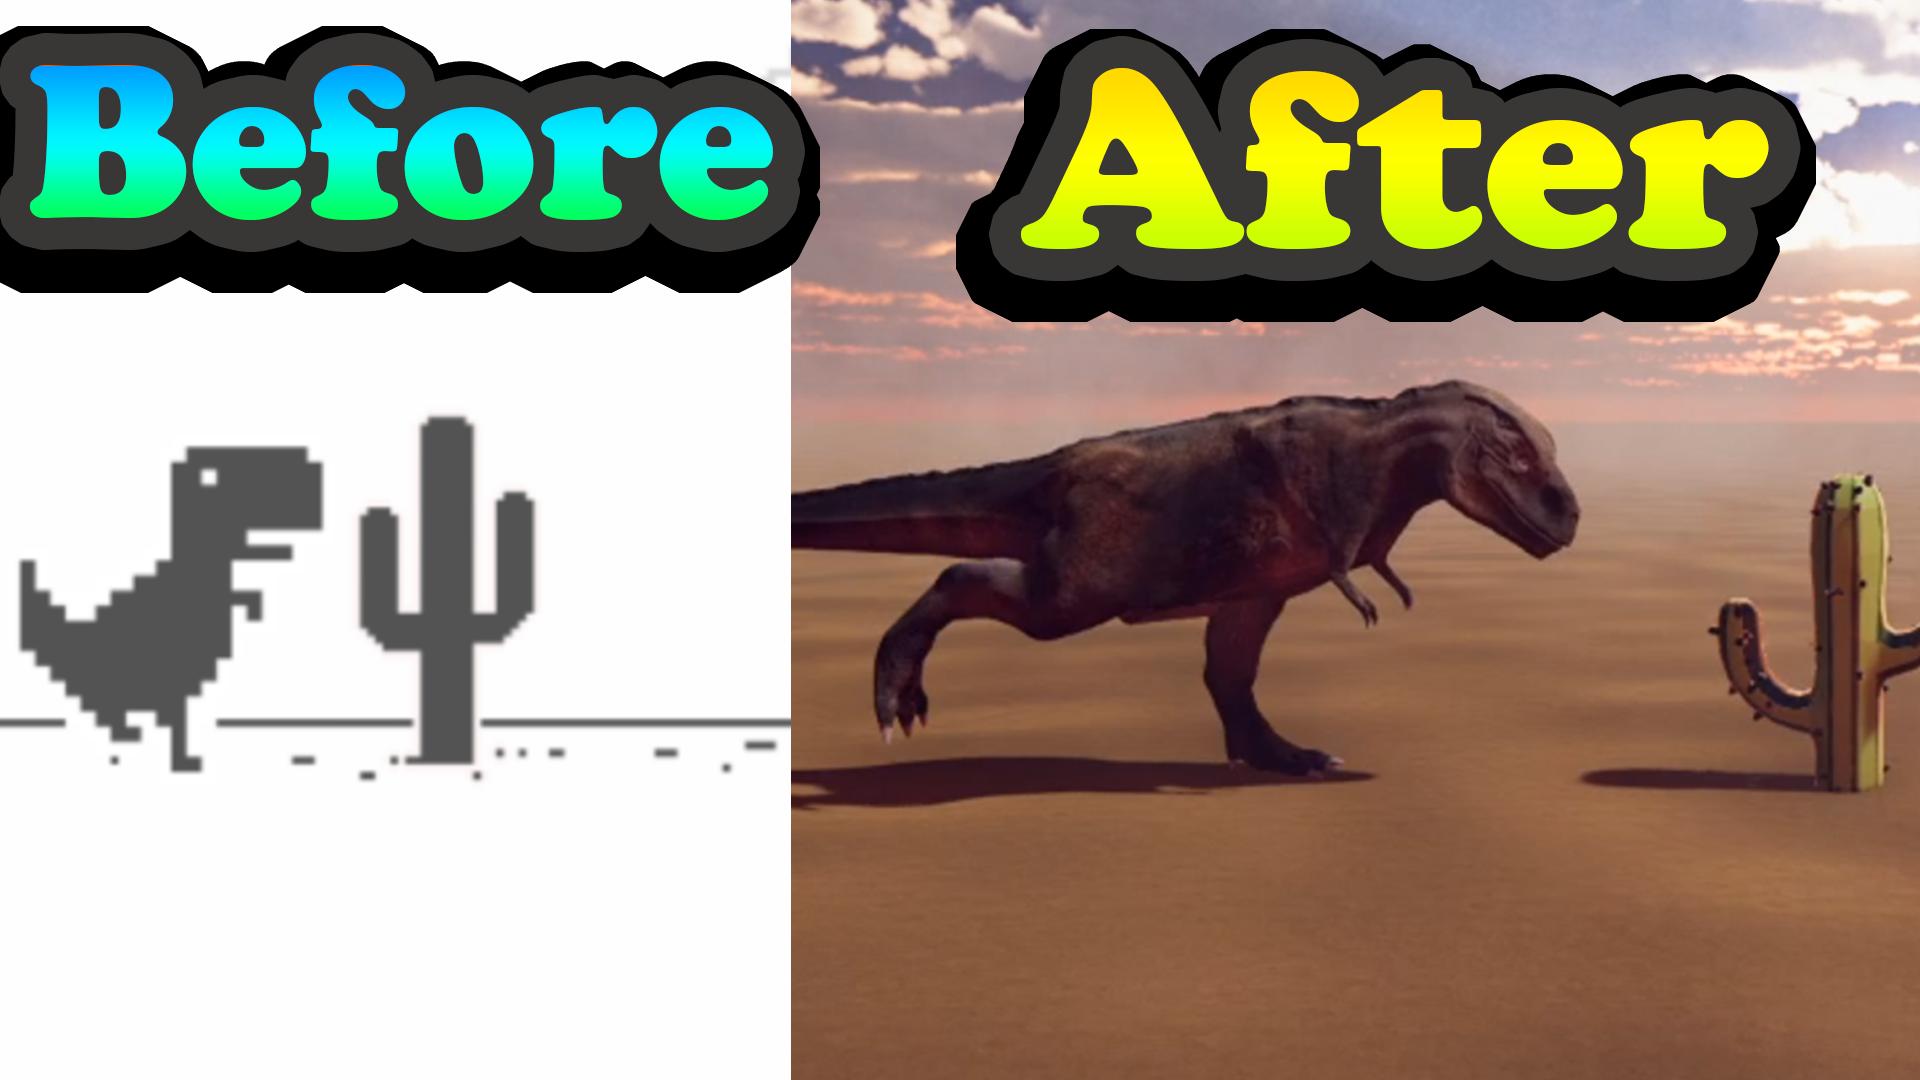 Chrome Dinosaur in 3D